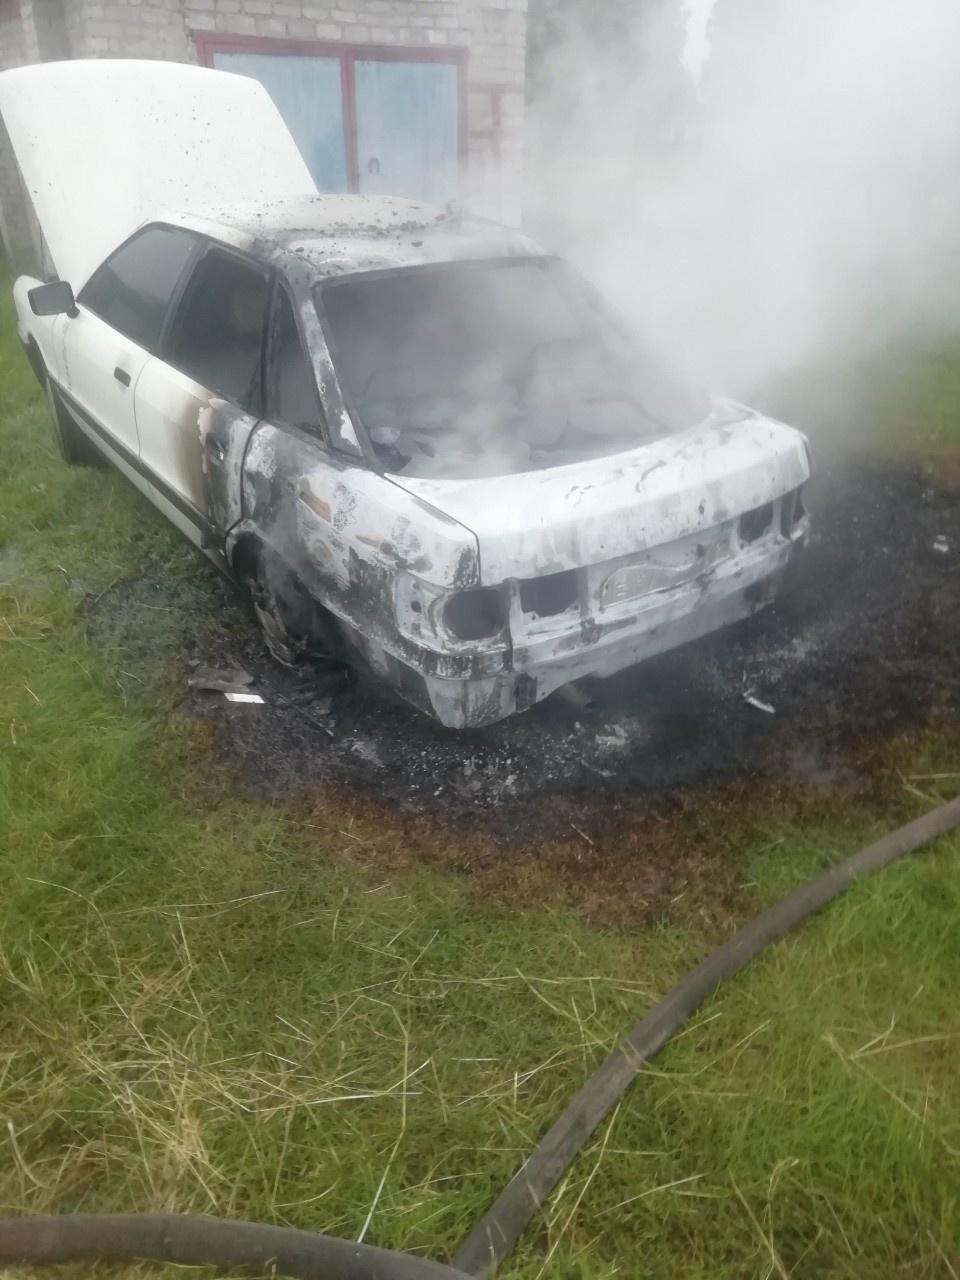 Пожар в п. Коренево Кореневского района Курской области ликвидирован